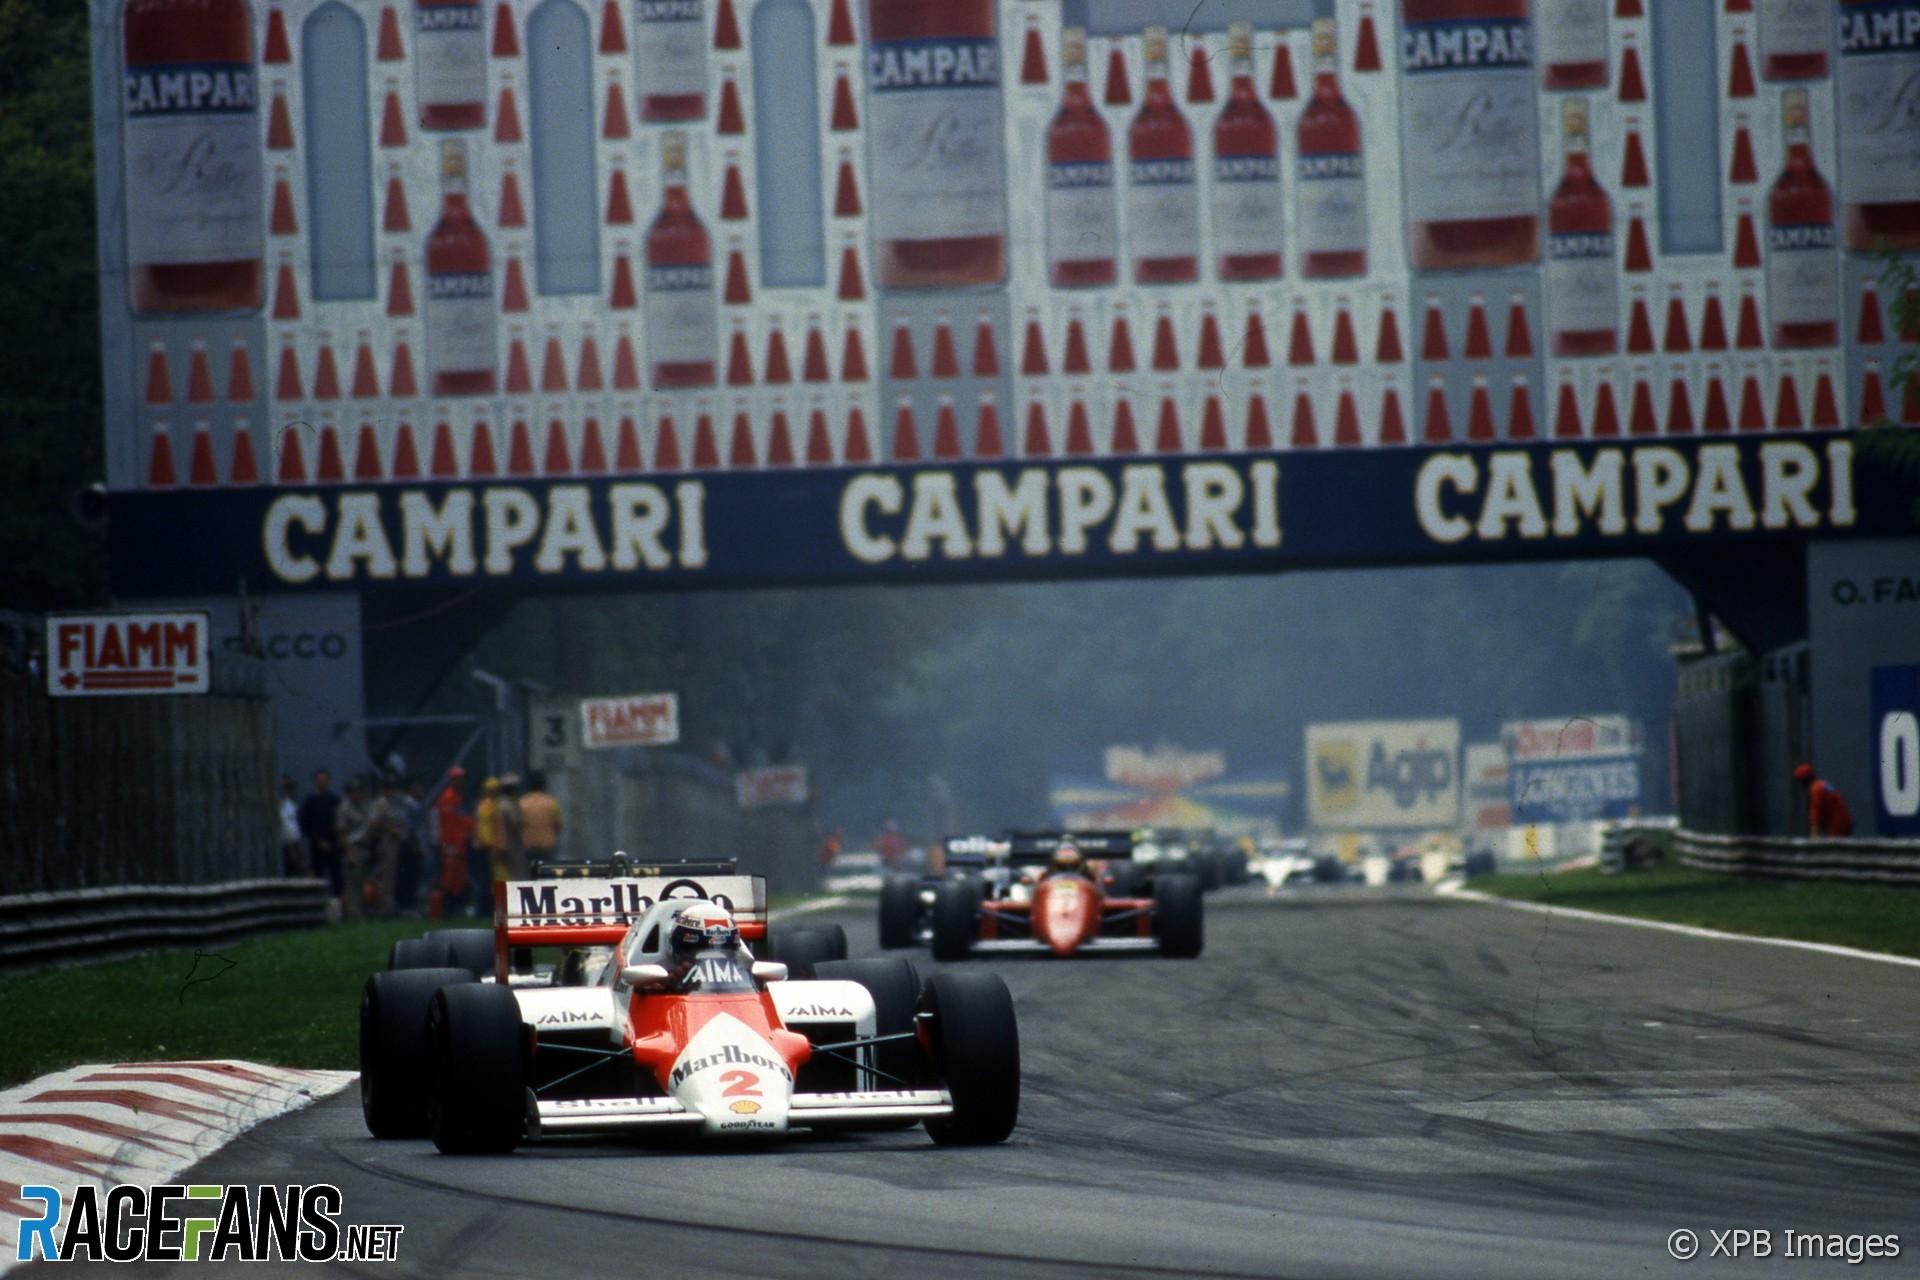 Alain Prost, McLaren, Monza, 1985